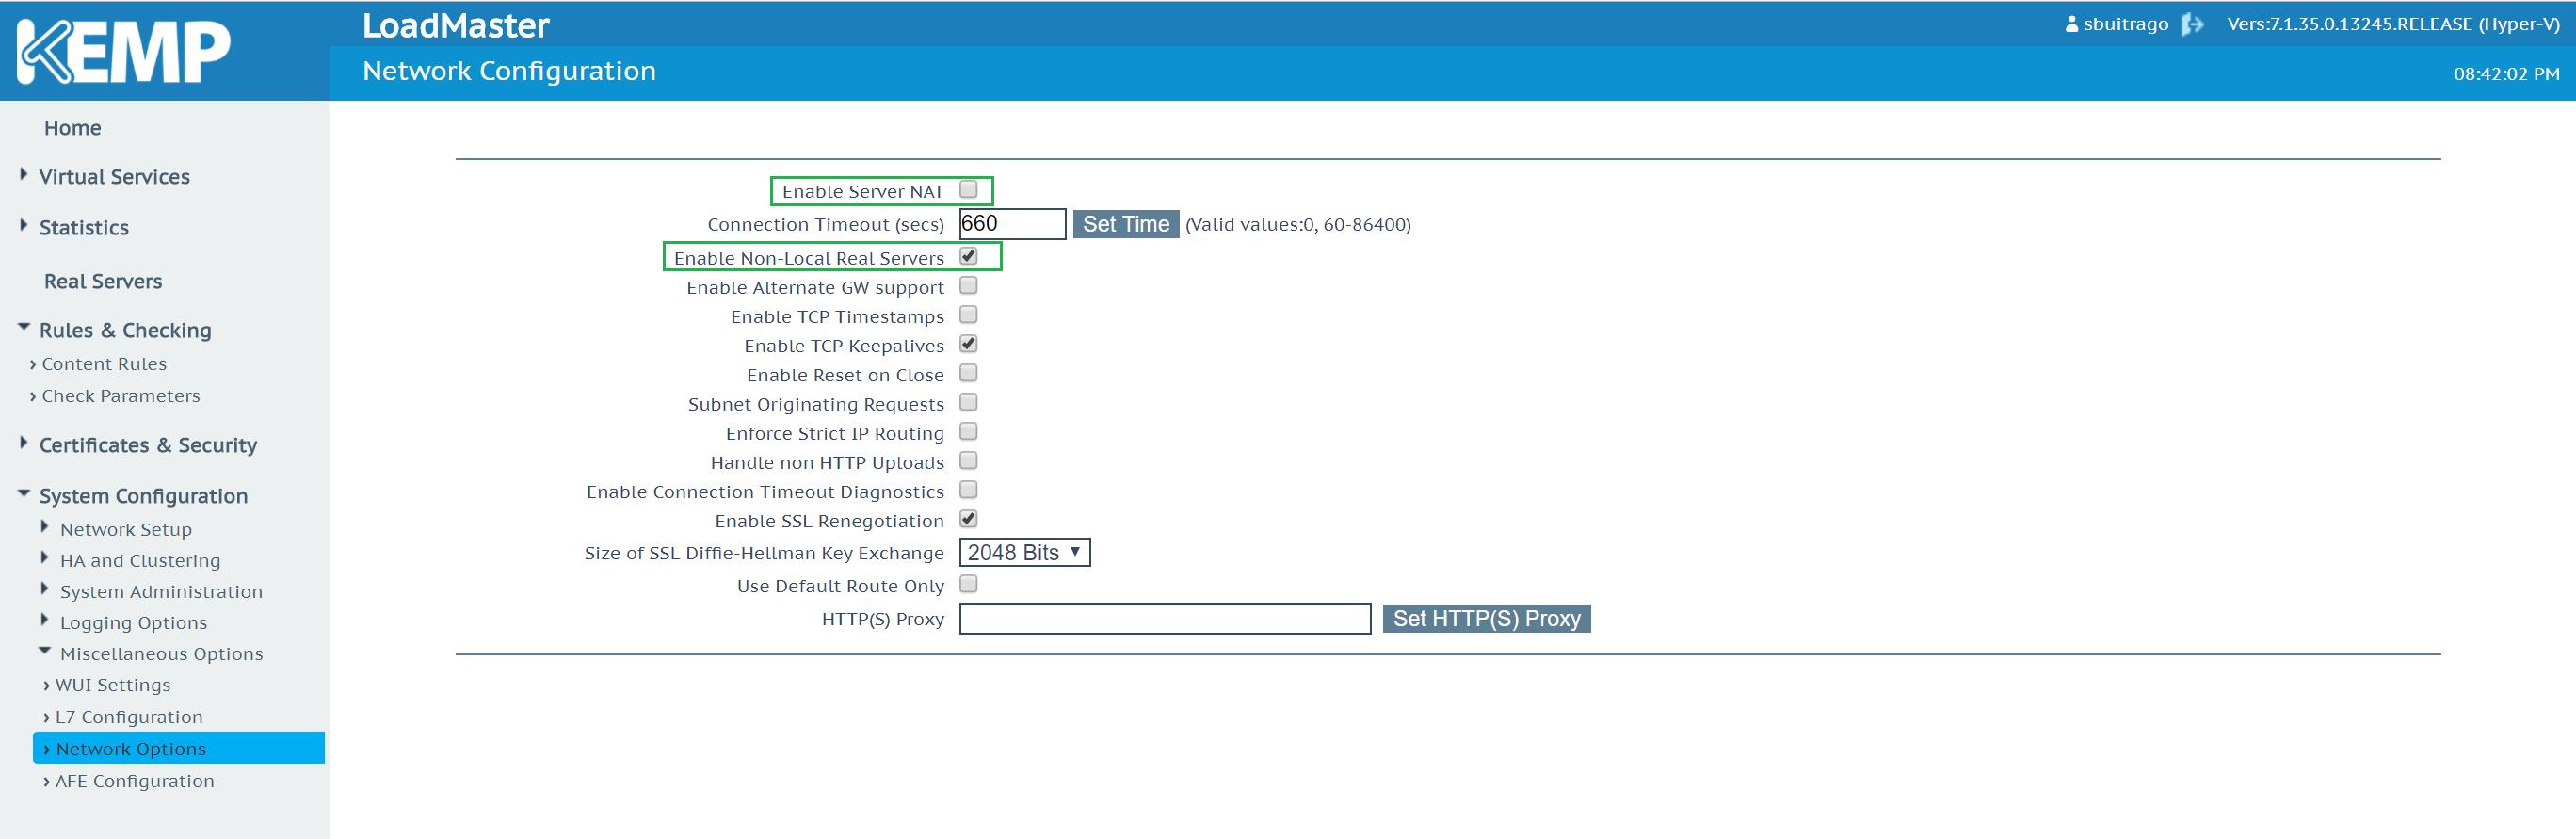 Publicar y Balancear Servicios Web via KEMP LoadMaster